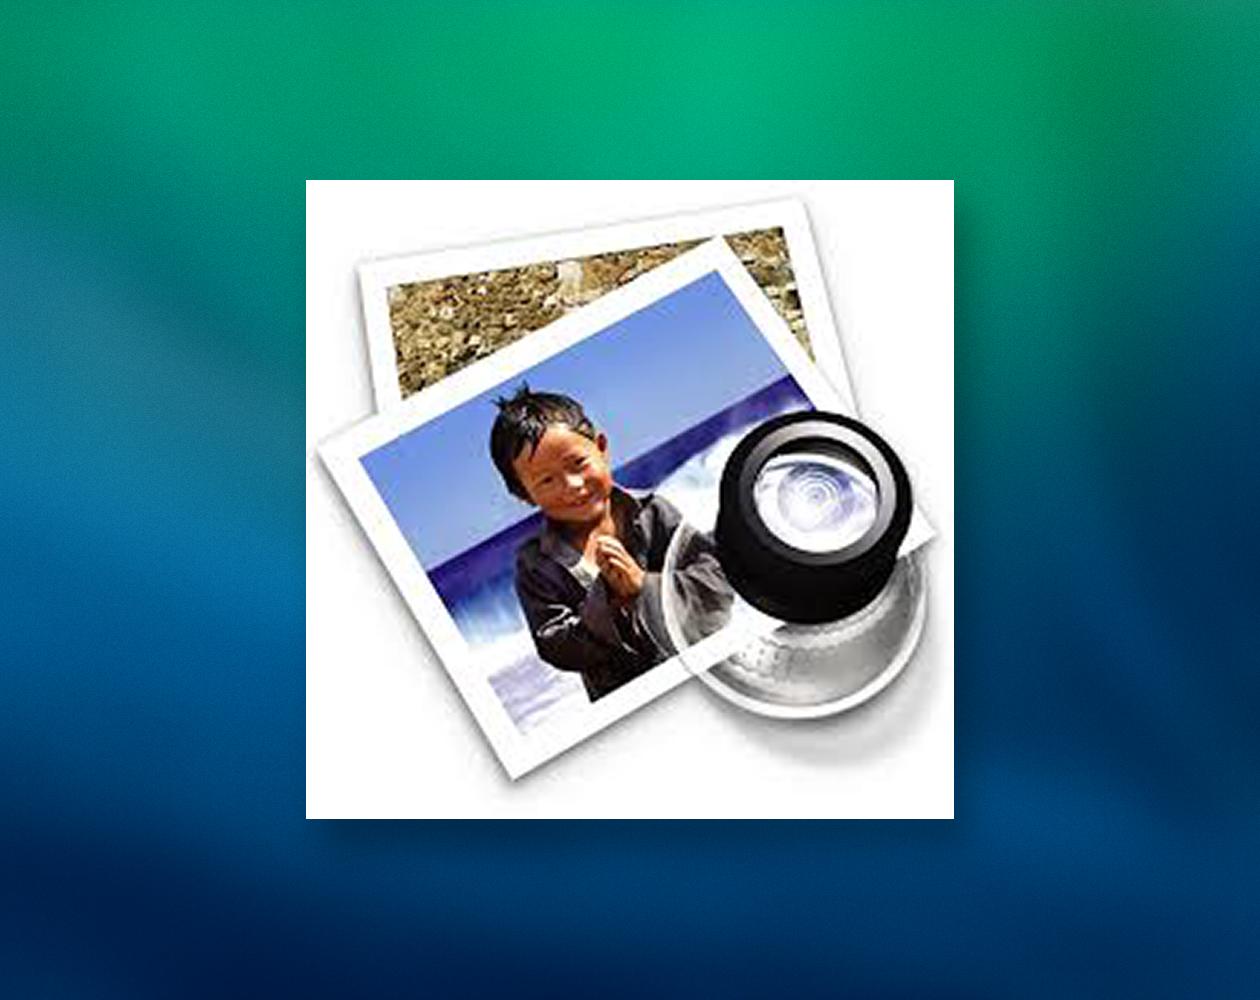 Как быстро удалить задний фон картинки с помощью Просмотра OS X (+ видео)